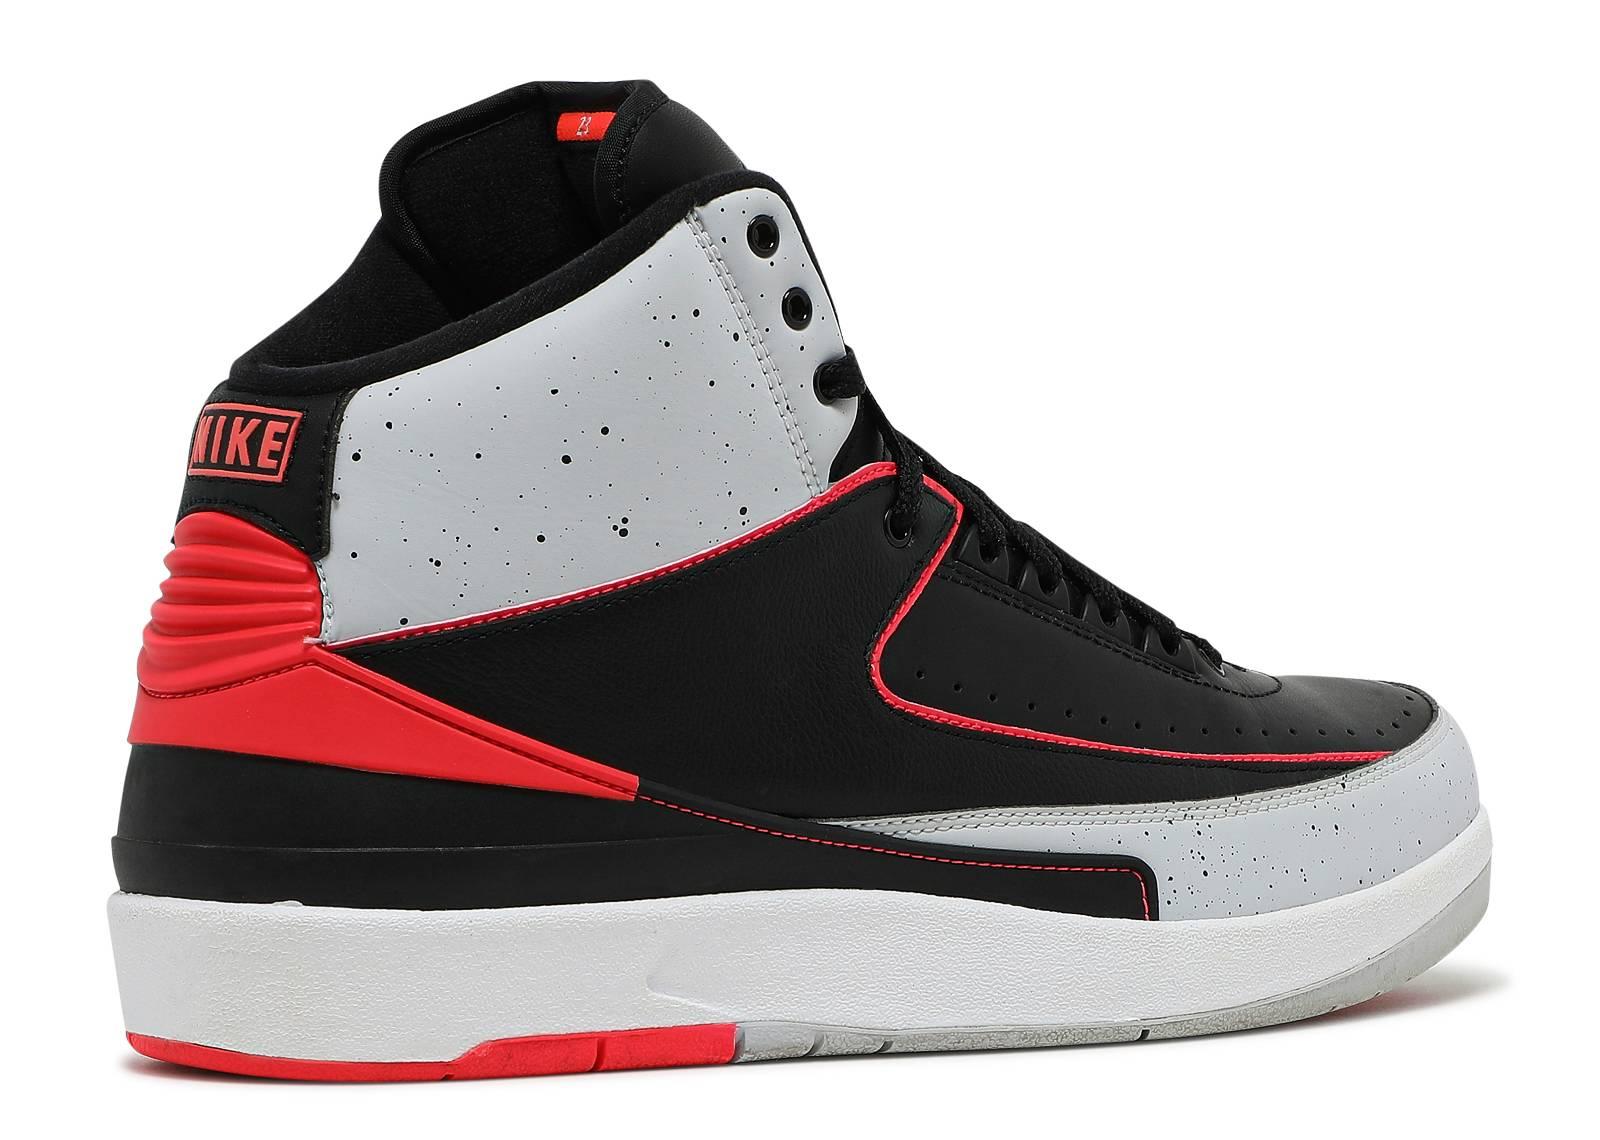 new product 13b89 70382 Air Jordan 2 Retro